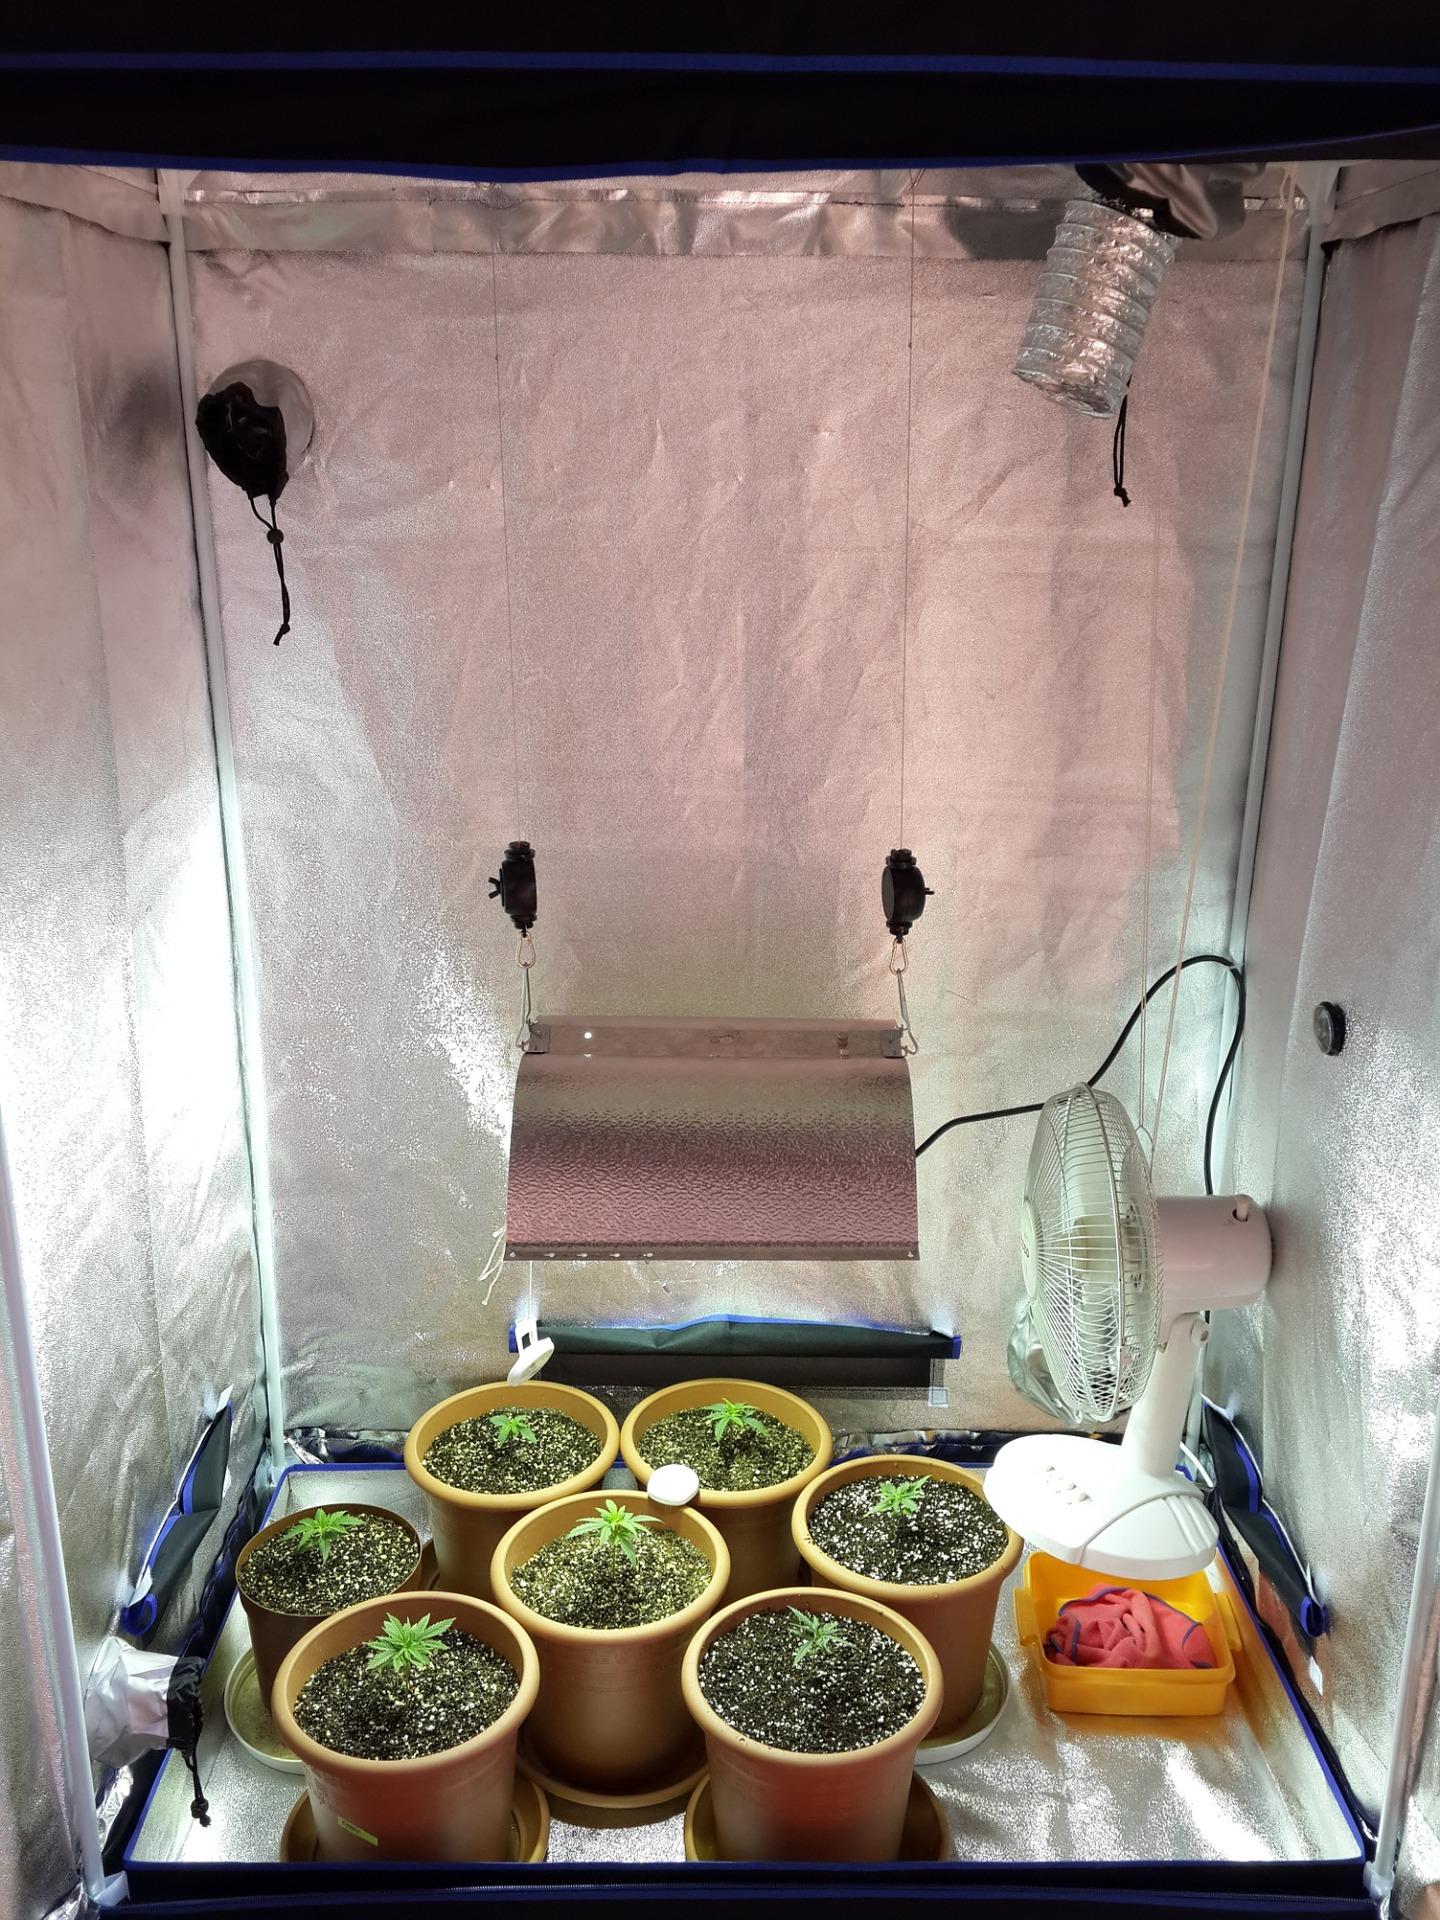 jak-pěstovat-konopí-doma-box